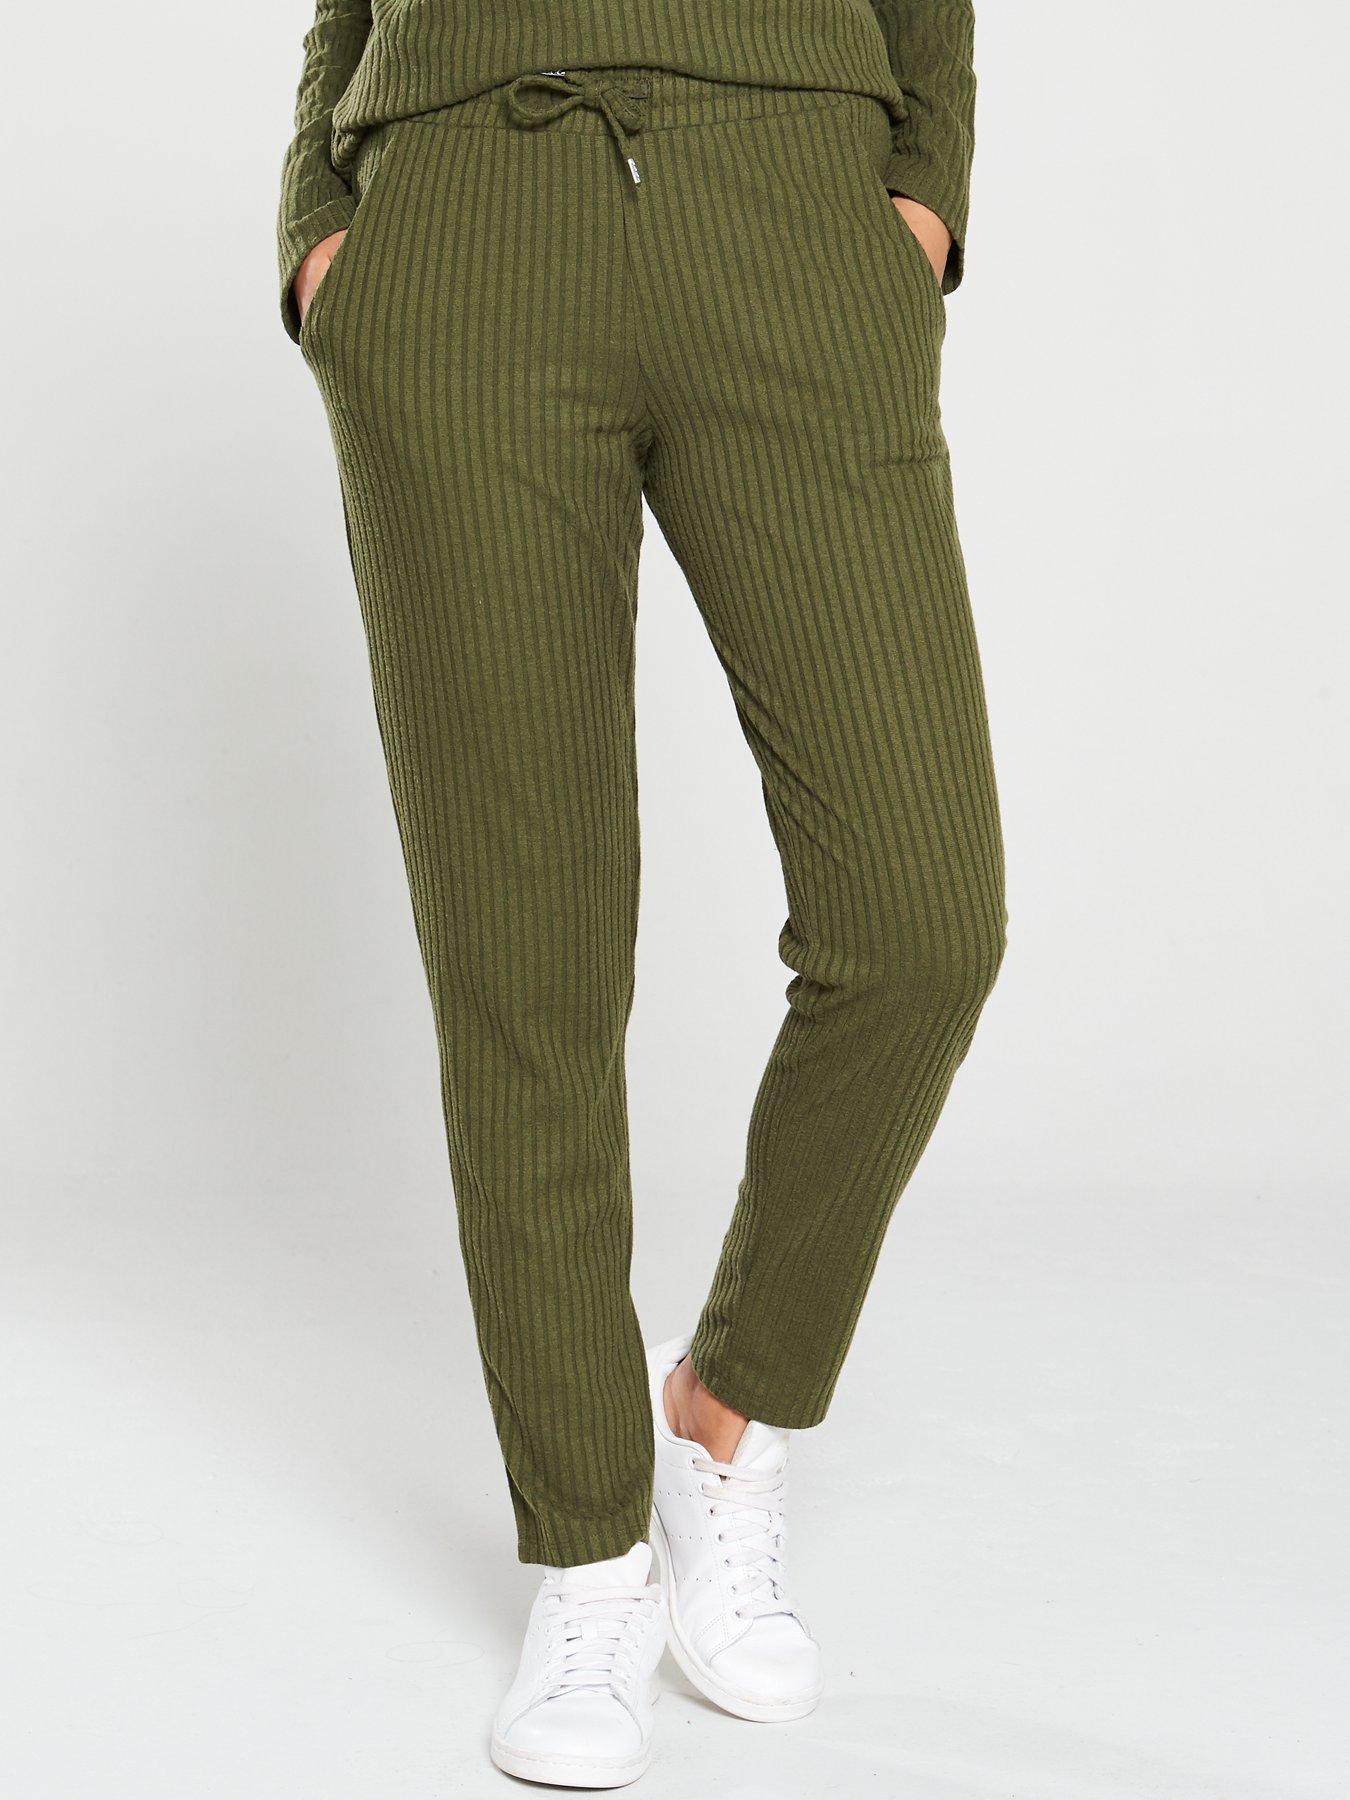 Jogging Bottoms | Trousers & leggings | Women | www